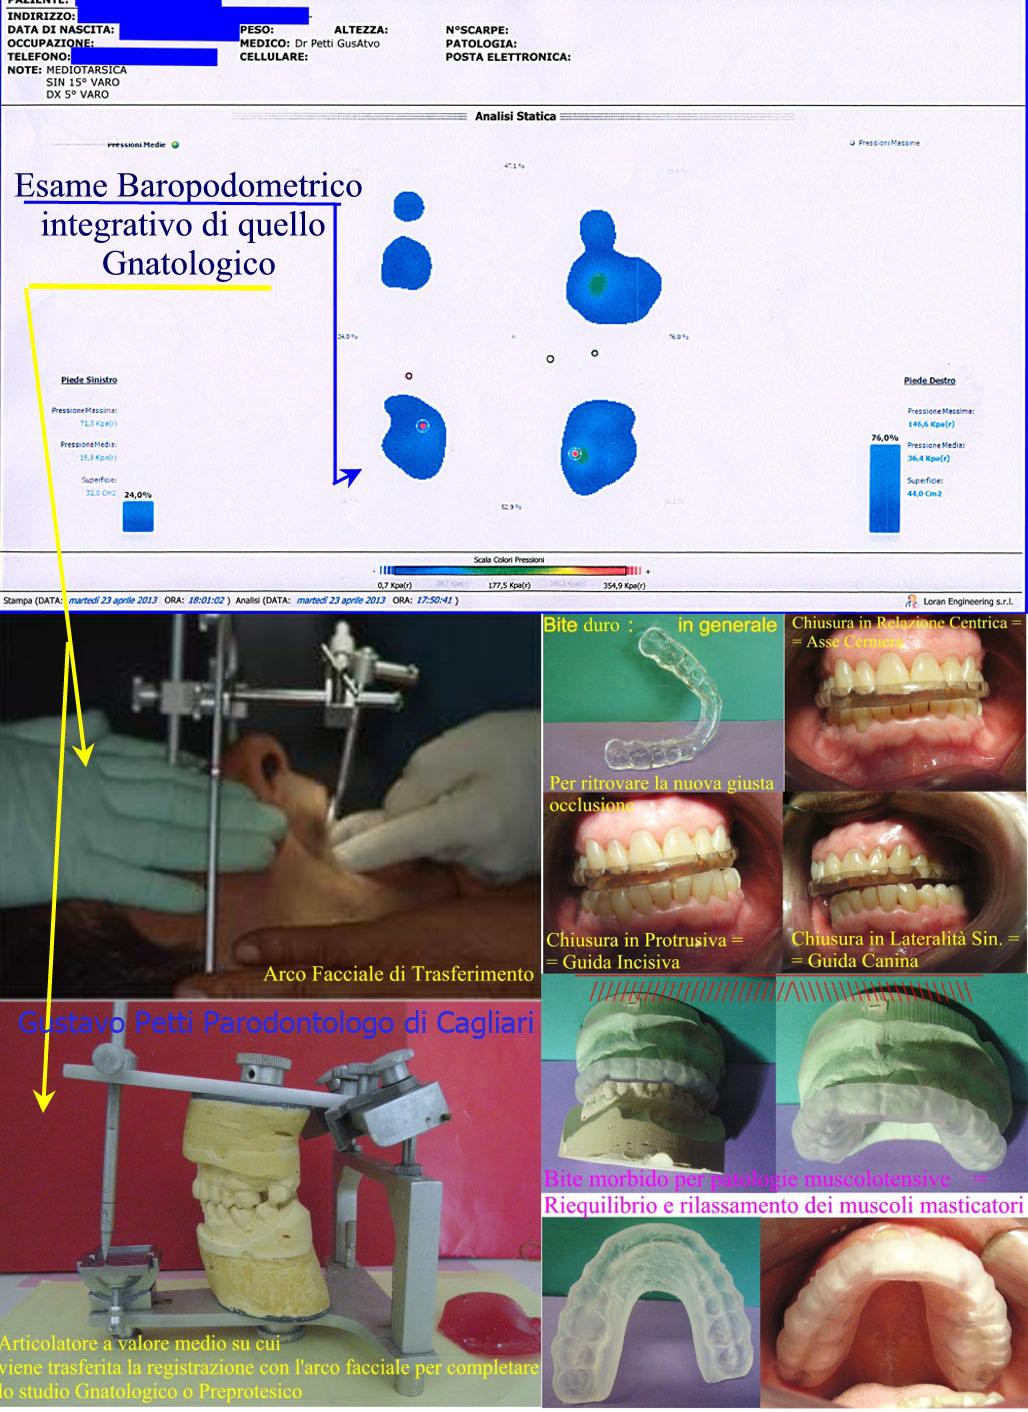 analisi-gnatologica-dr-g.petti-cagliari-241.jpg